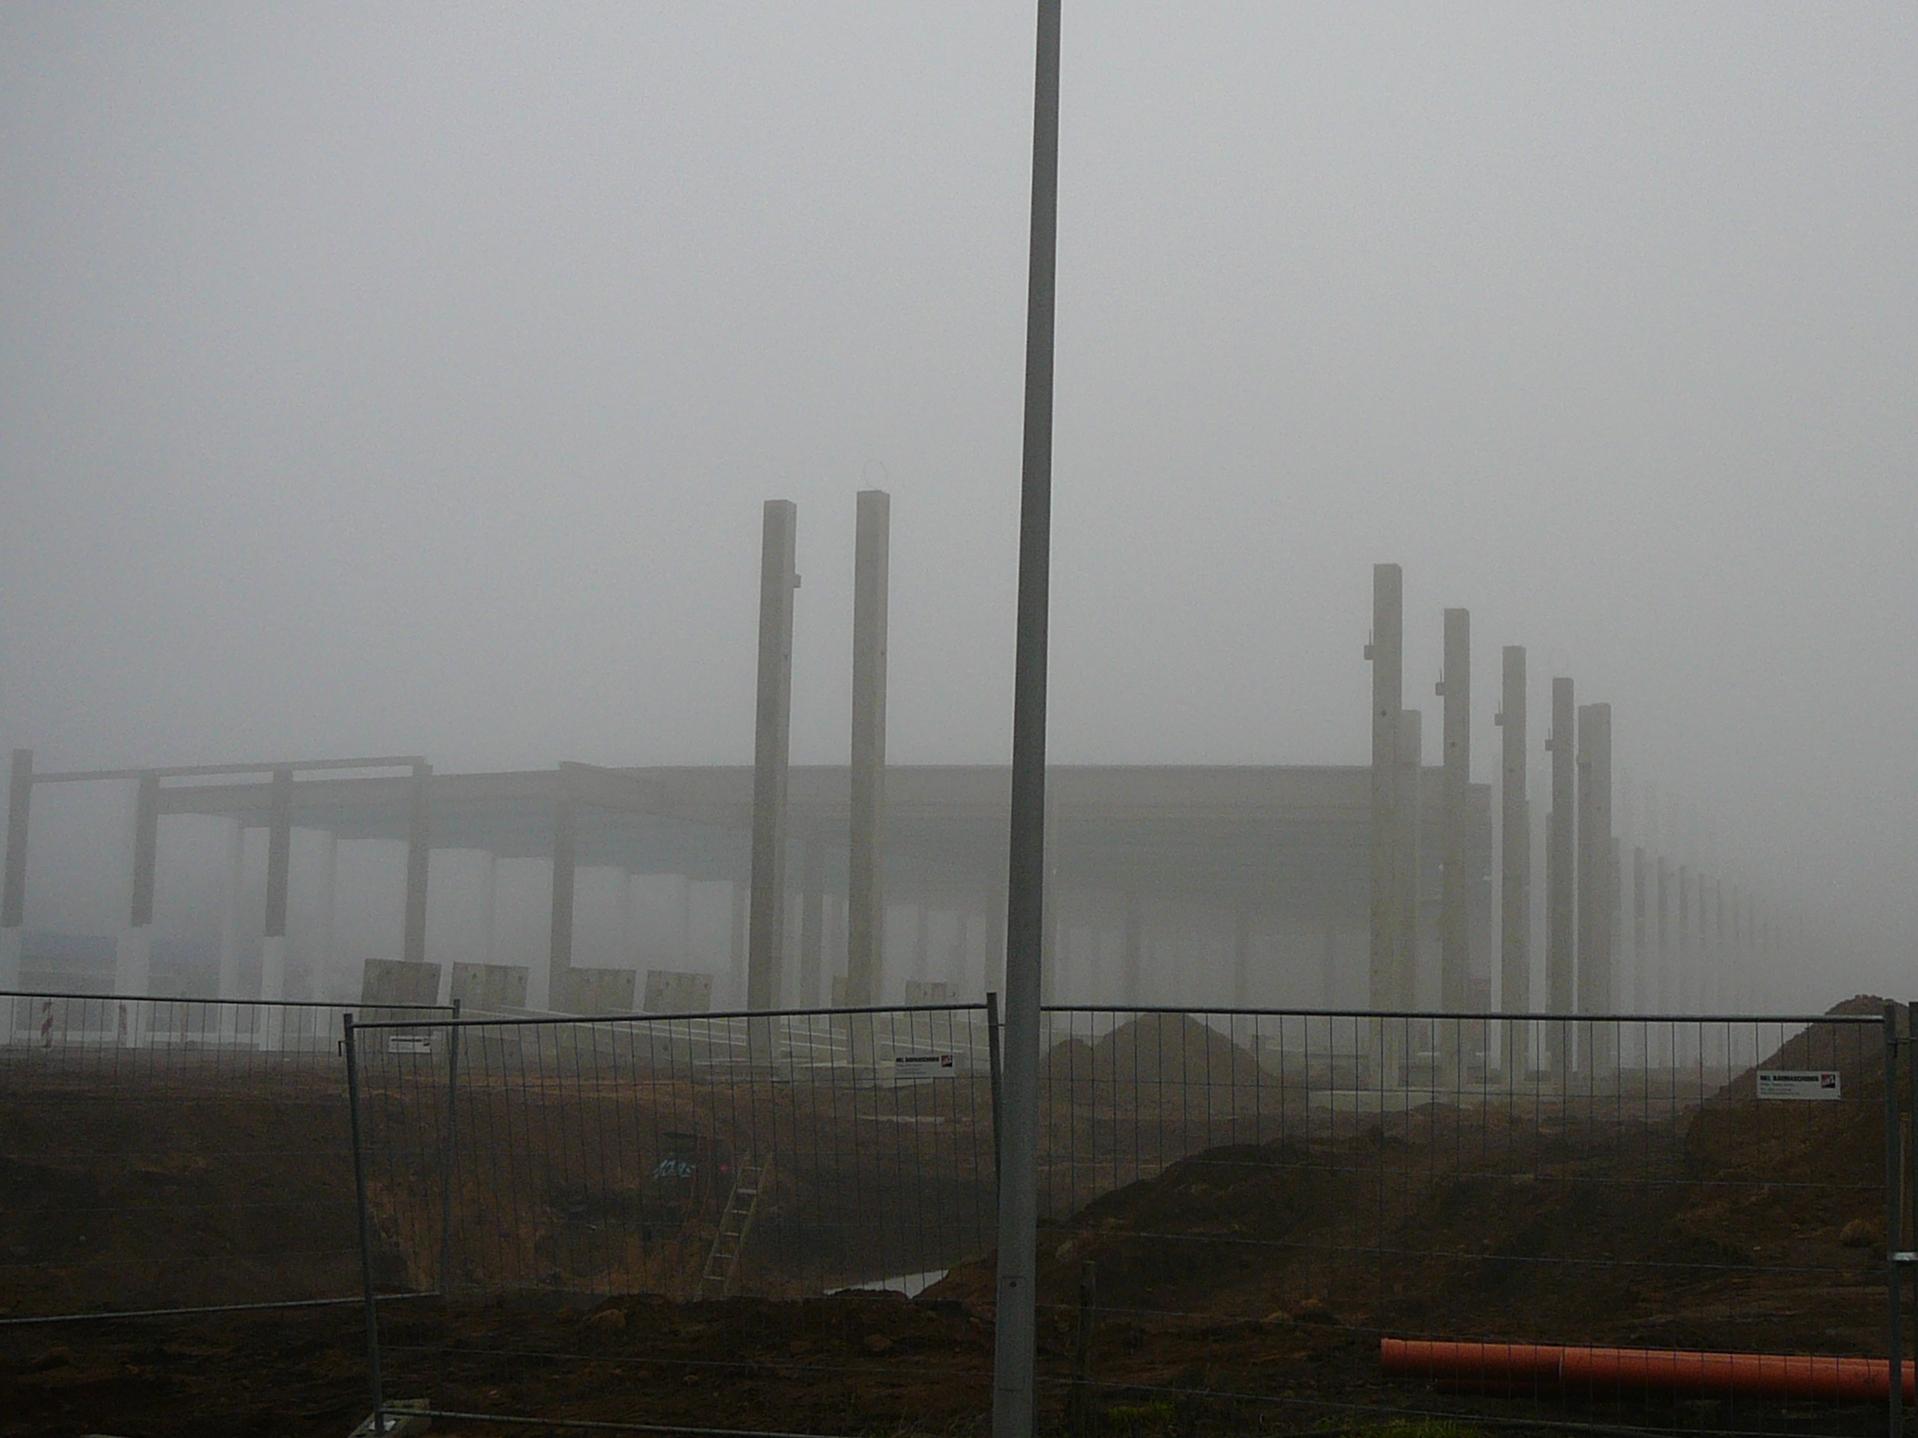 Bauhaus im nebel der standardleitweg Bauhaus flensburg markisen